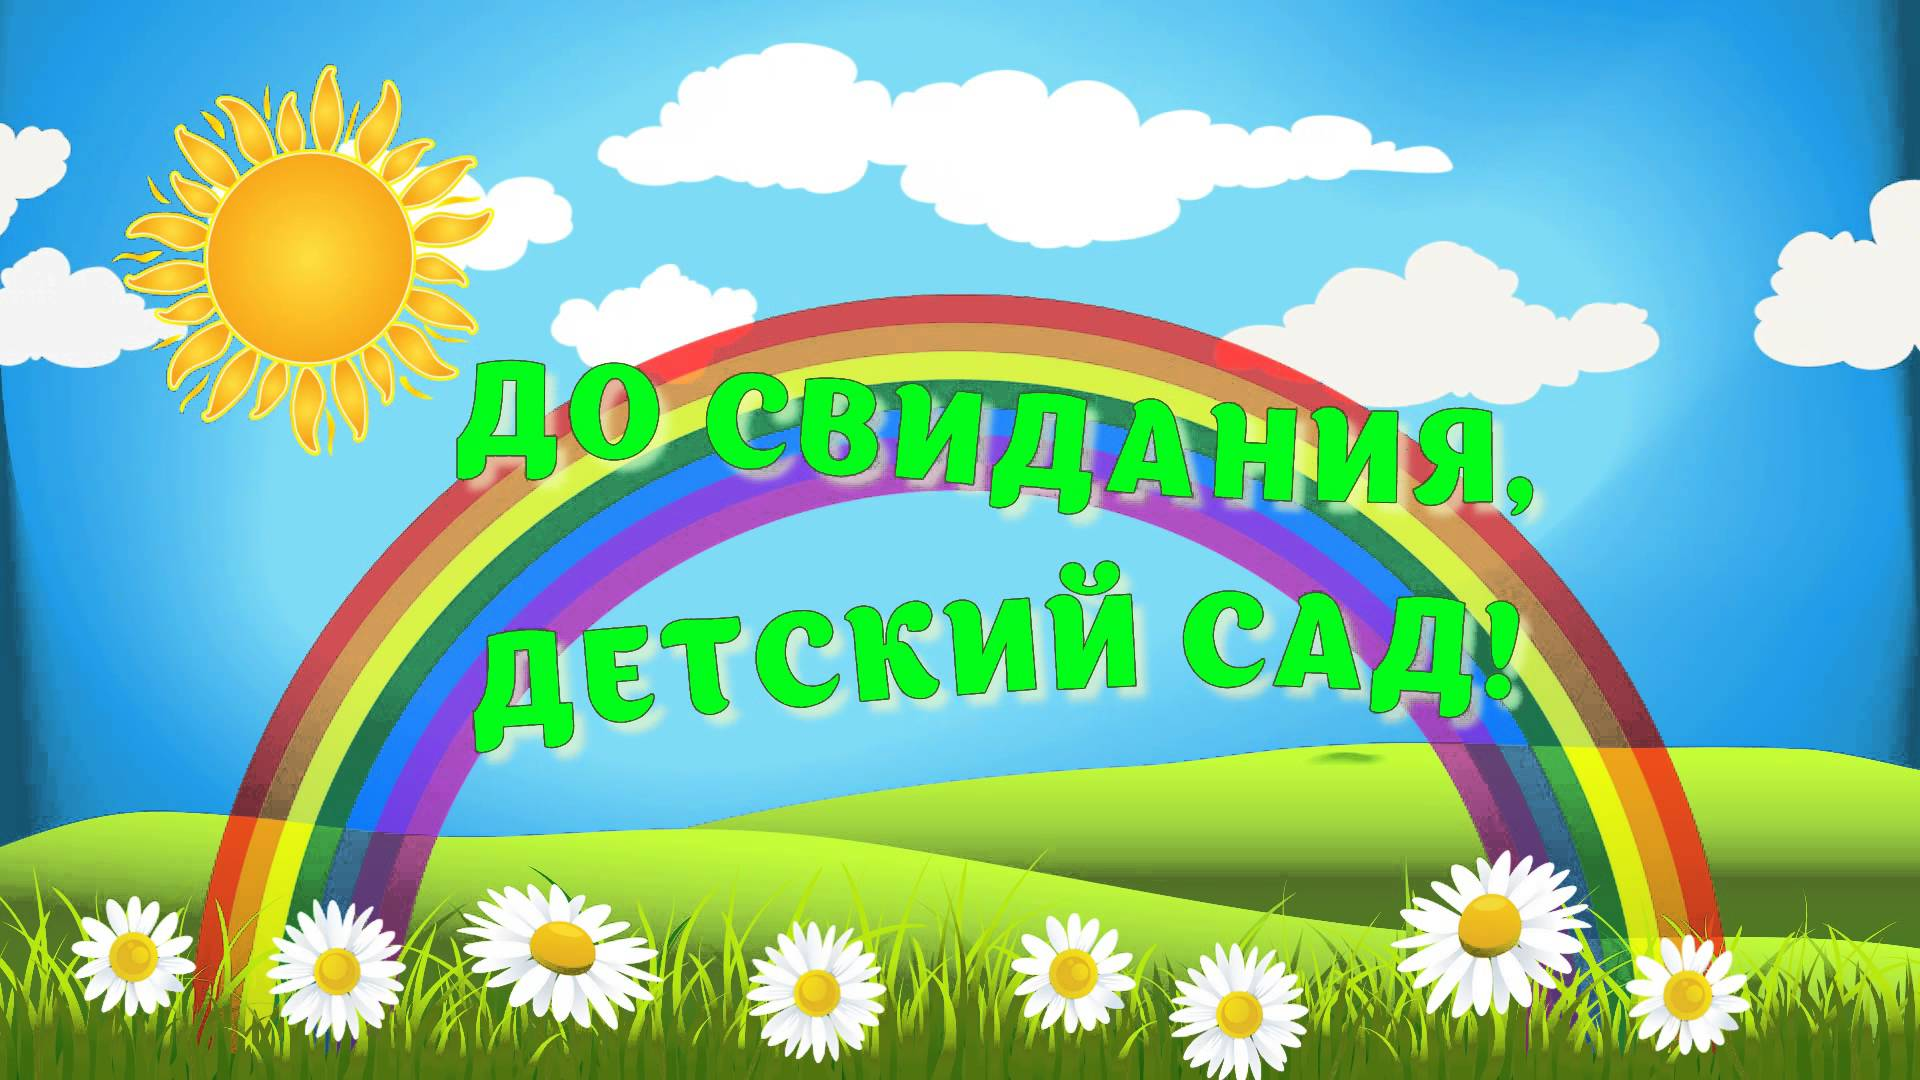 Под фотки, открытка выпускной детском саду